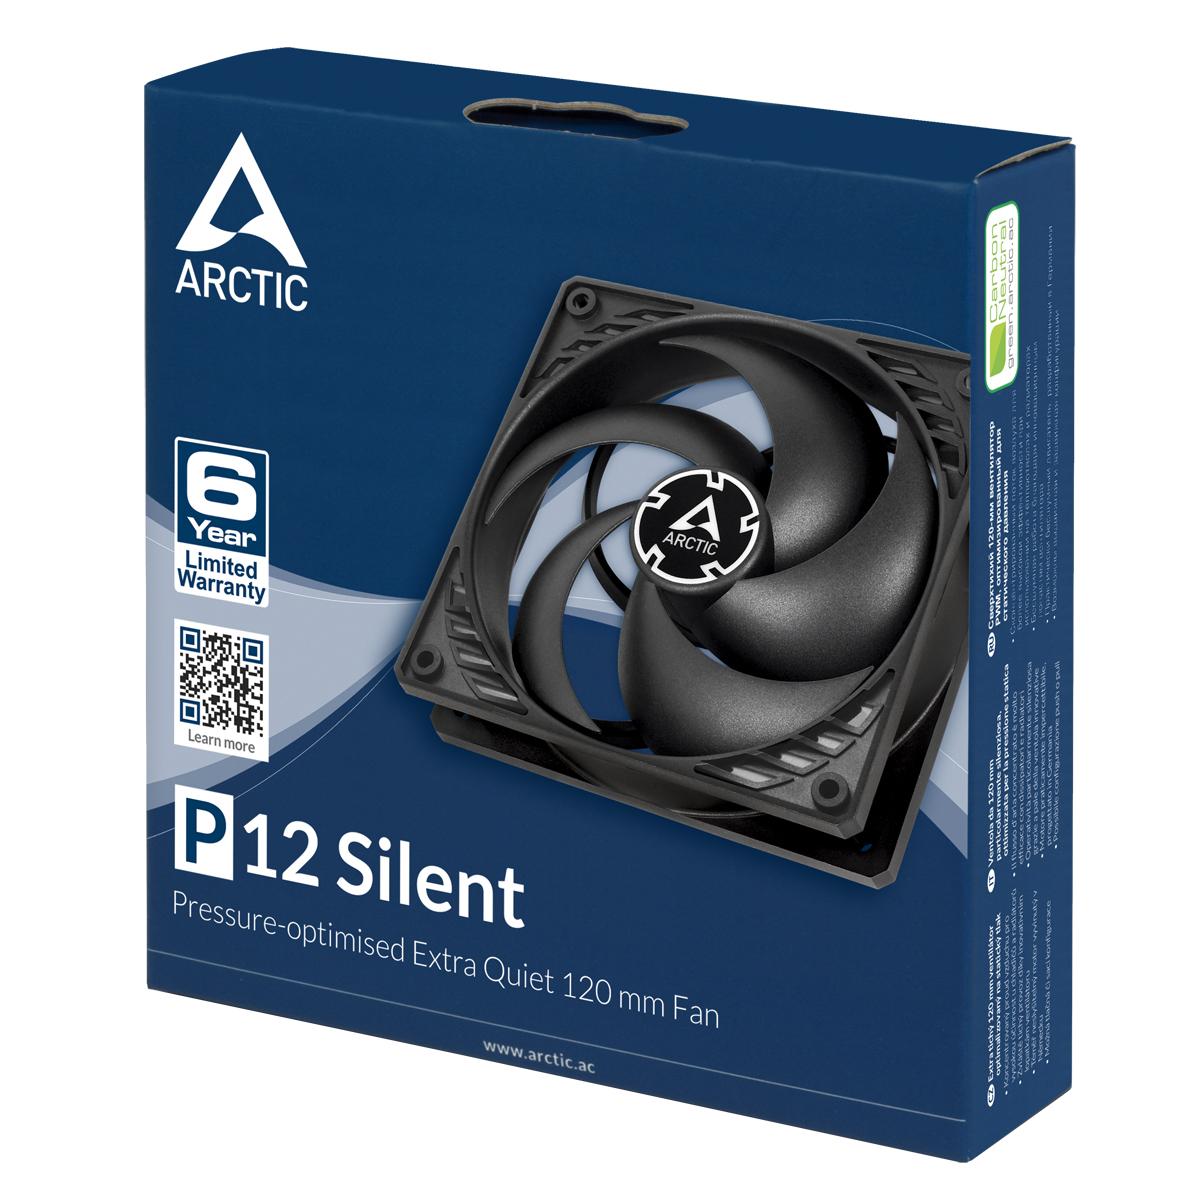 P12 Silent